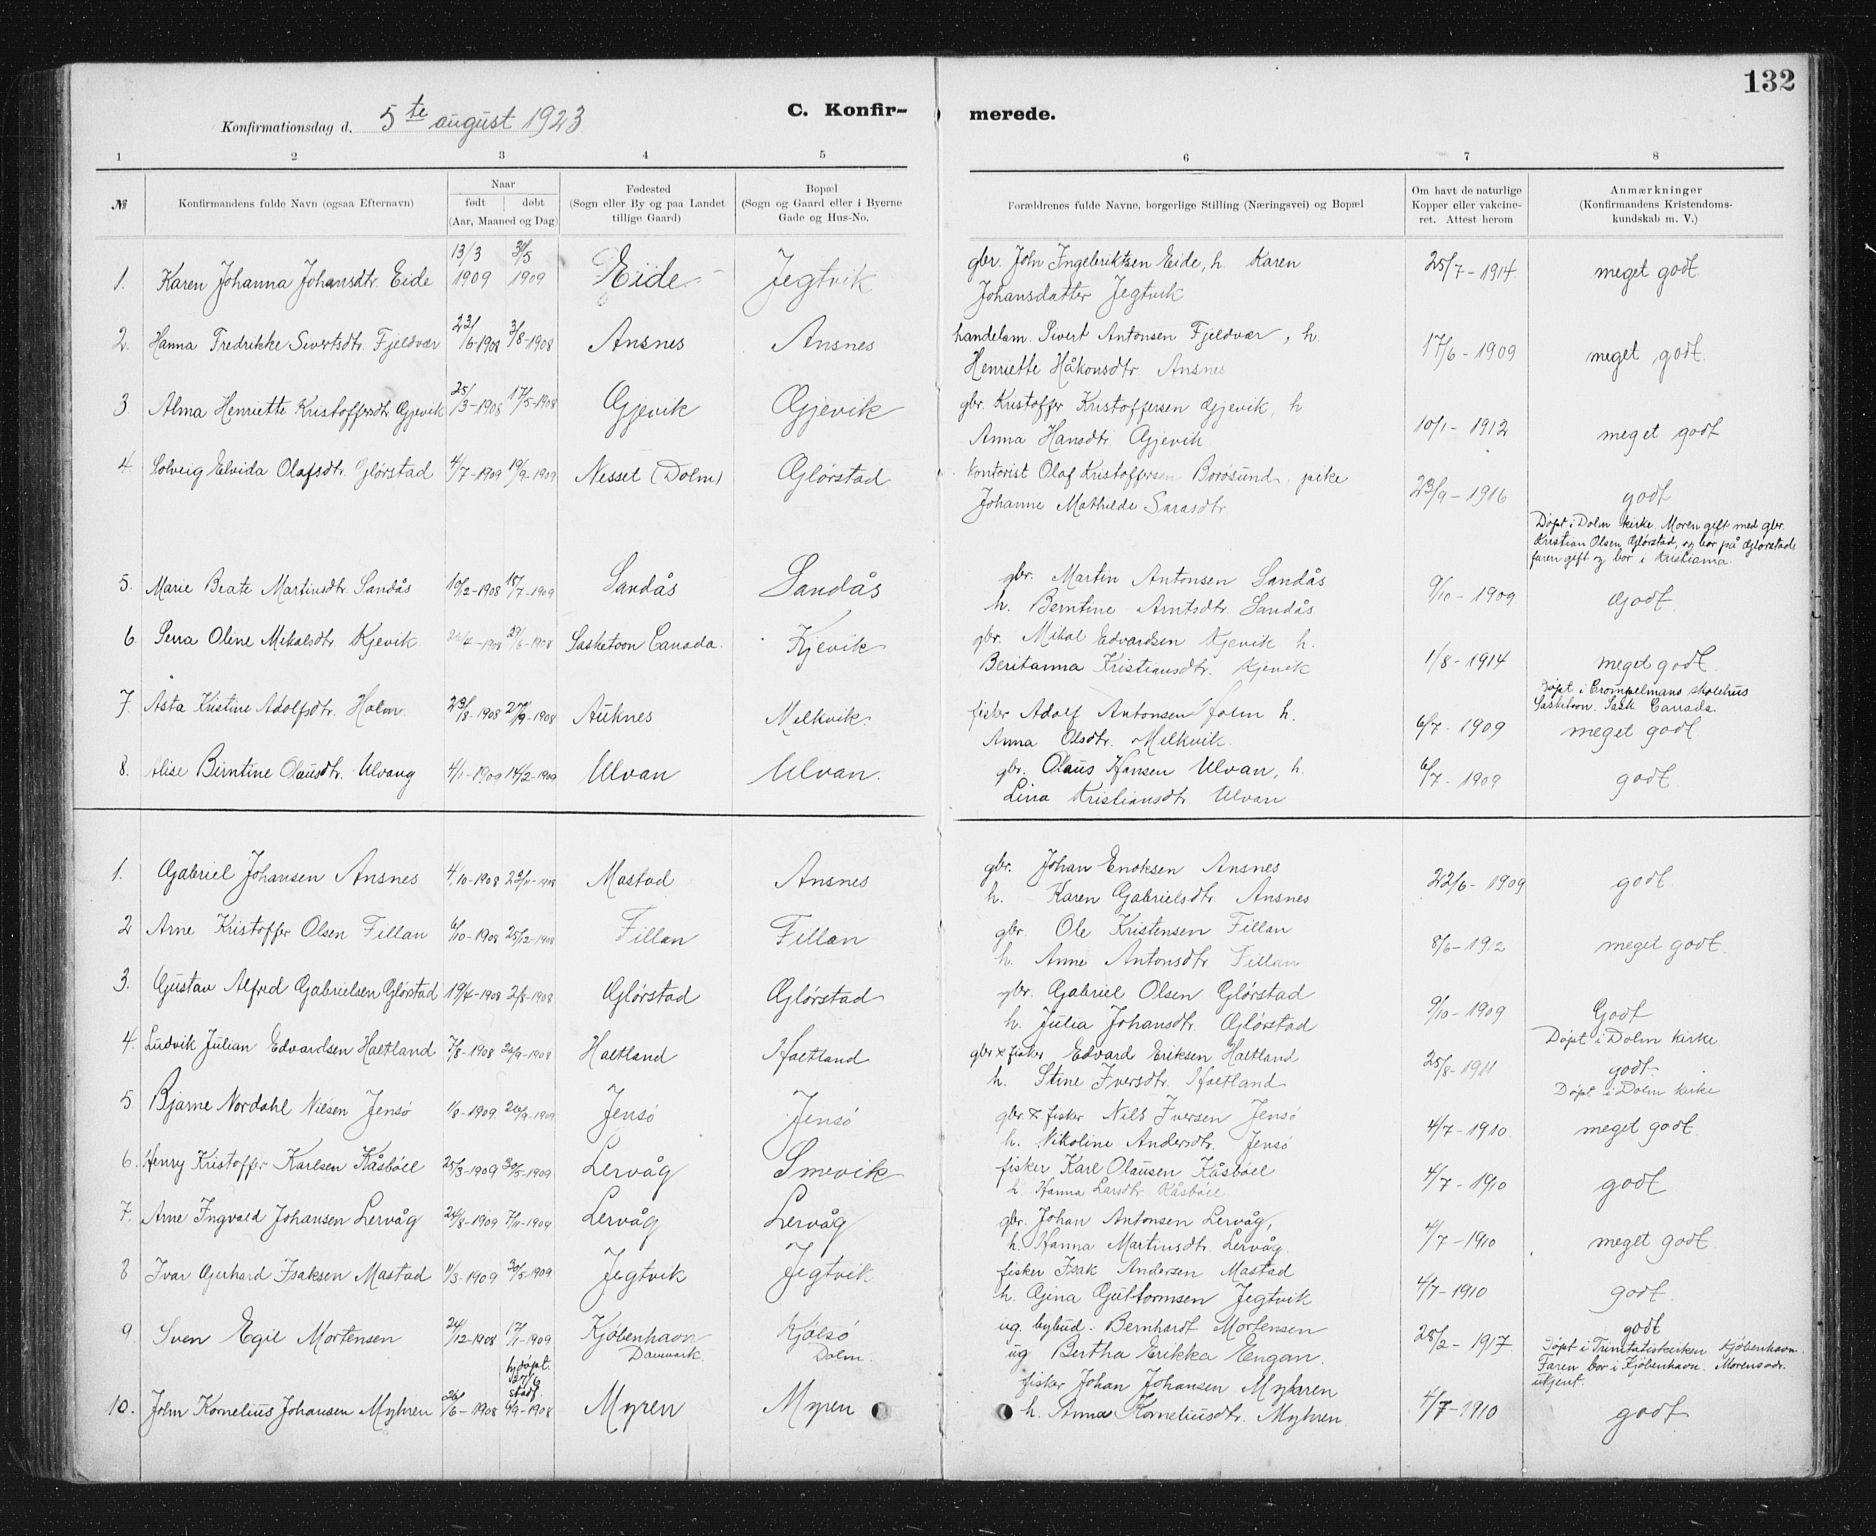 SAT, Ministerialprotokoller, klokkerbøker og fødselsregistre - Sør-Trøndelag, 637/L0563: Klokkerbok nr. 637C04, 1899-1940, s. 132